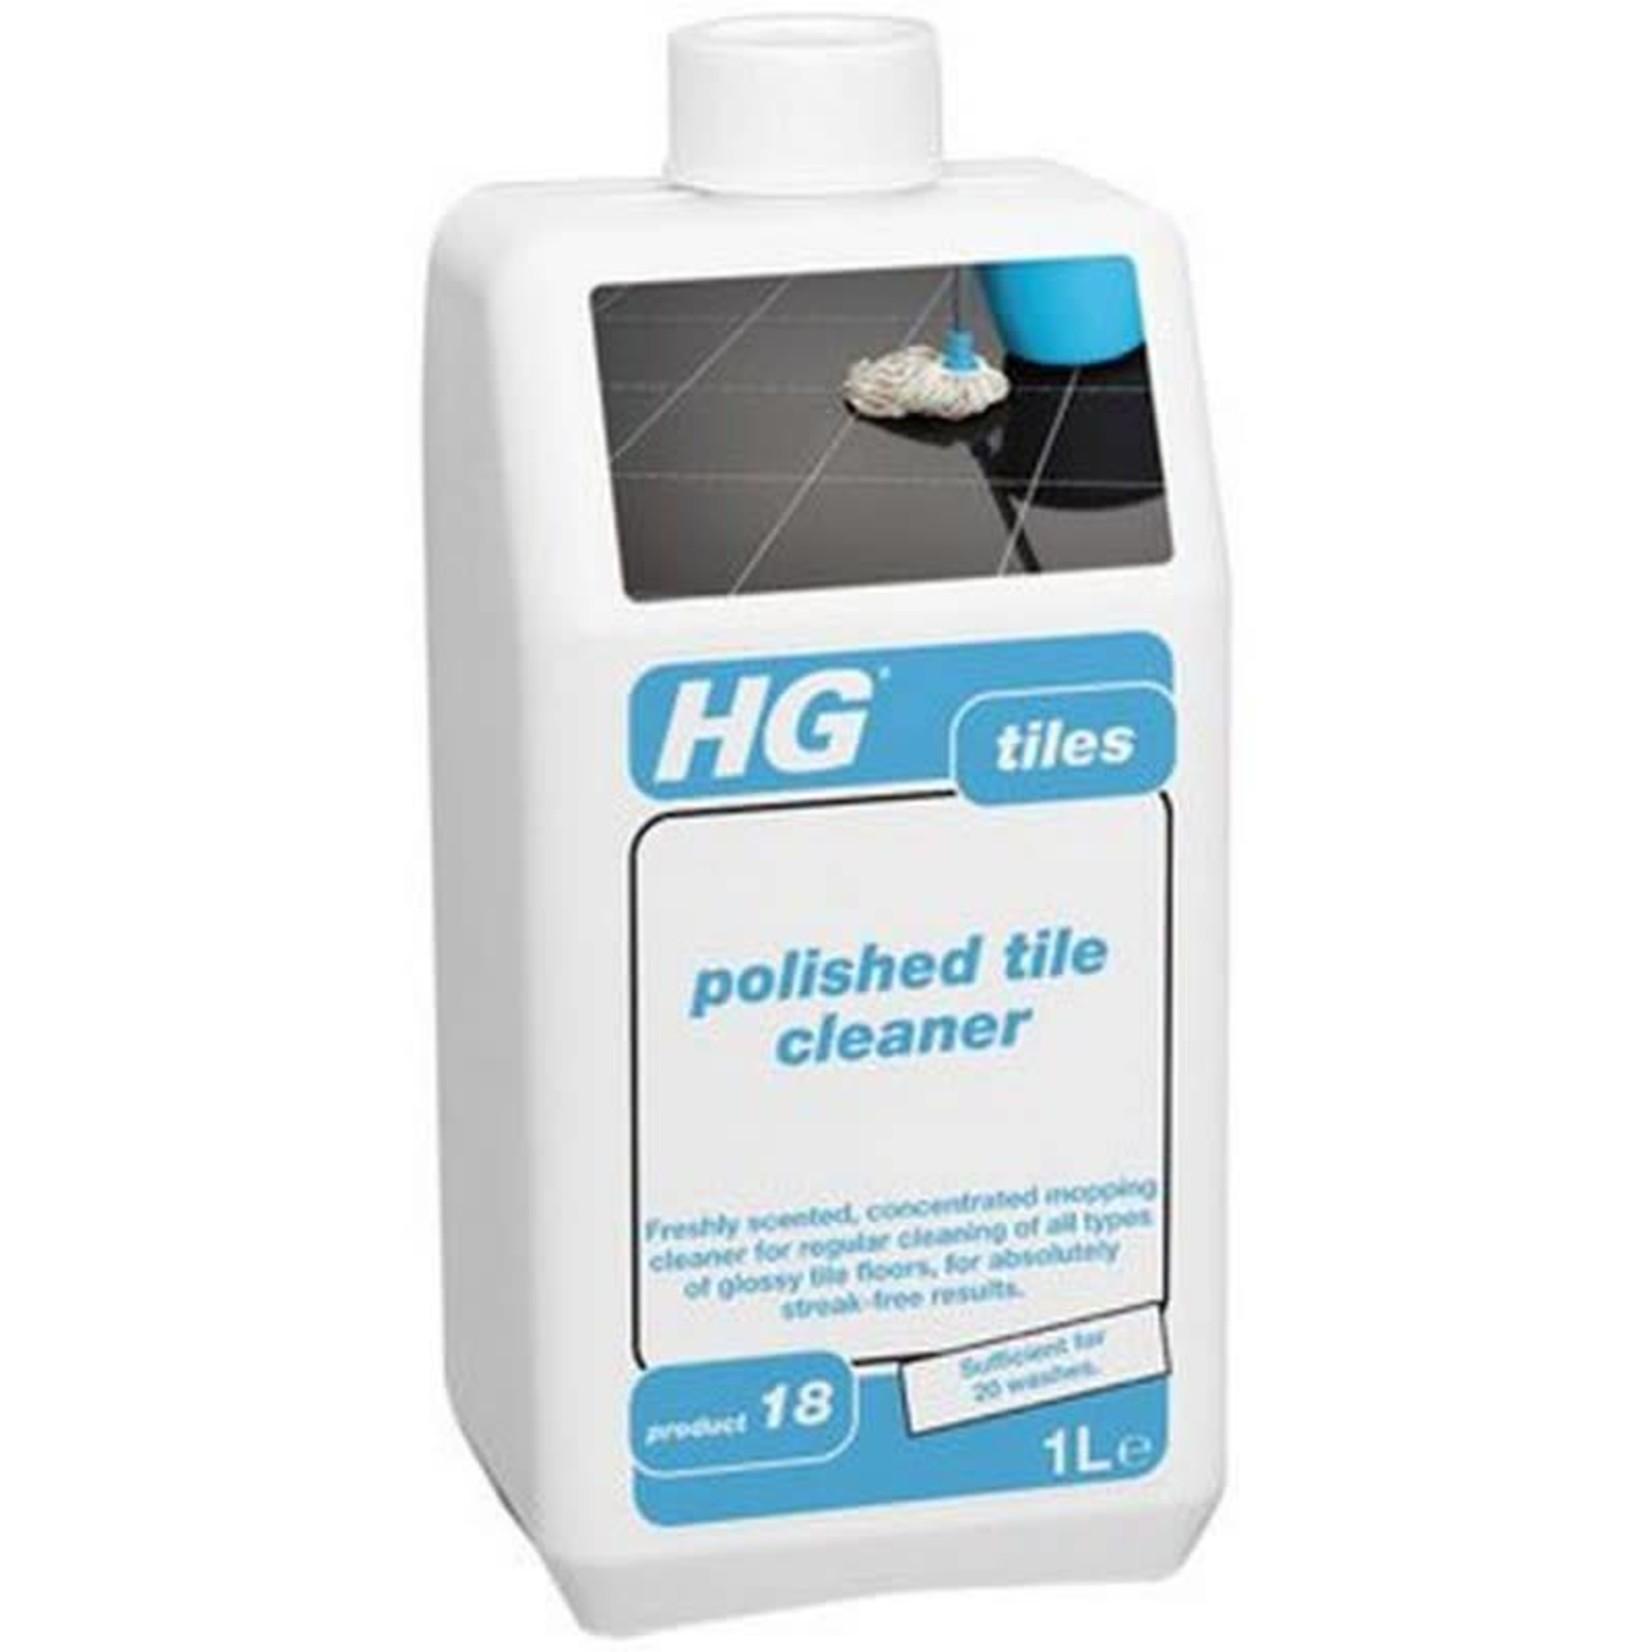 HG HG POLISHED TILE CLEANER P.18